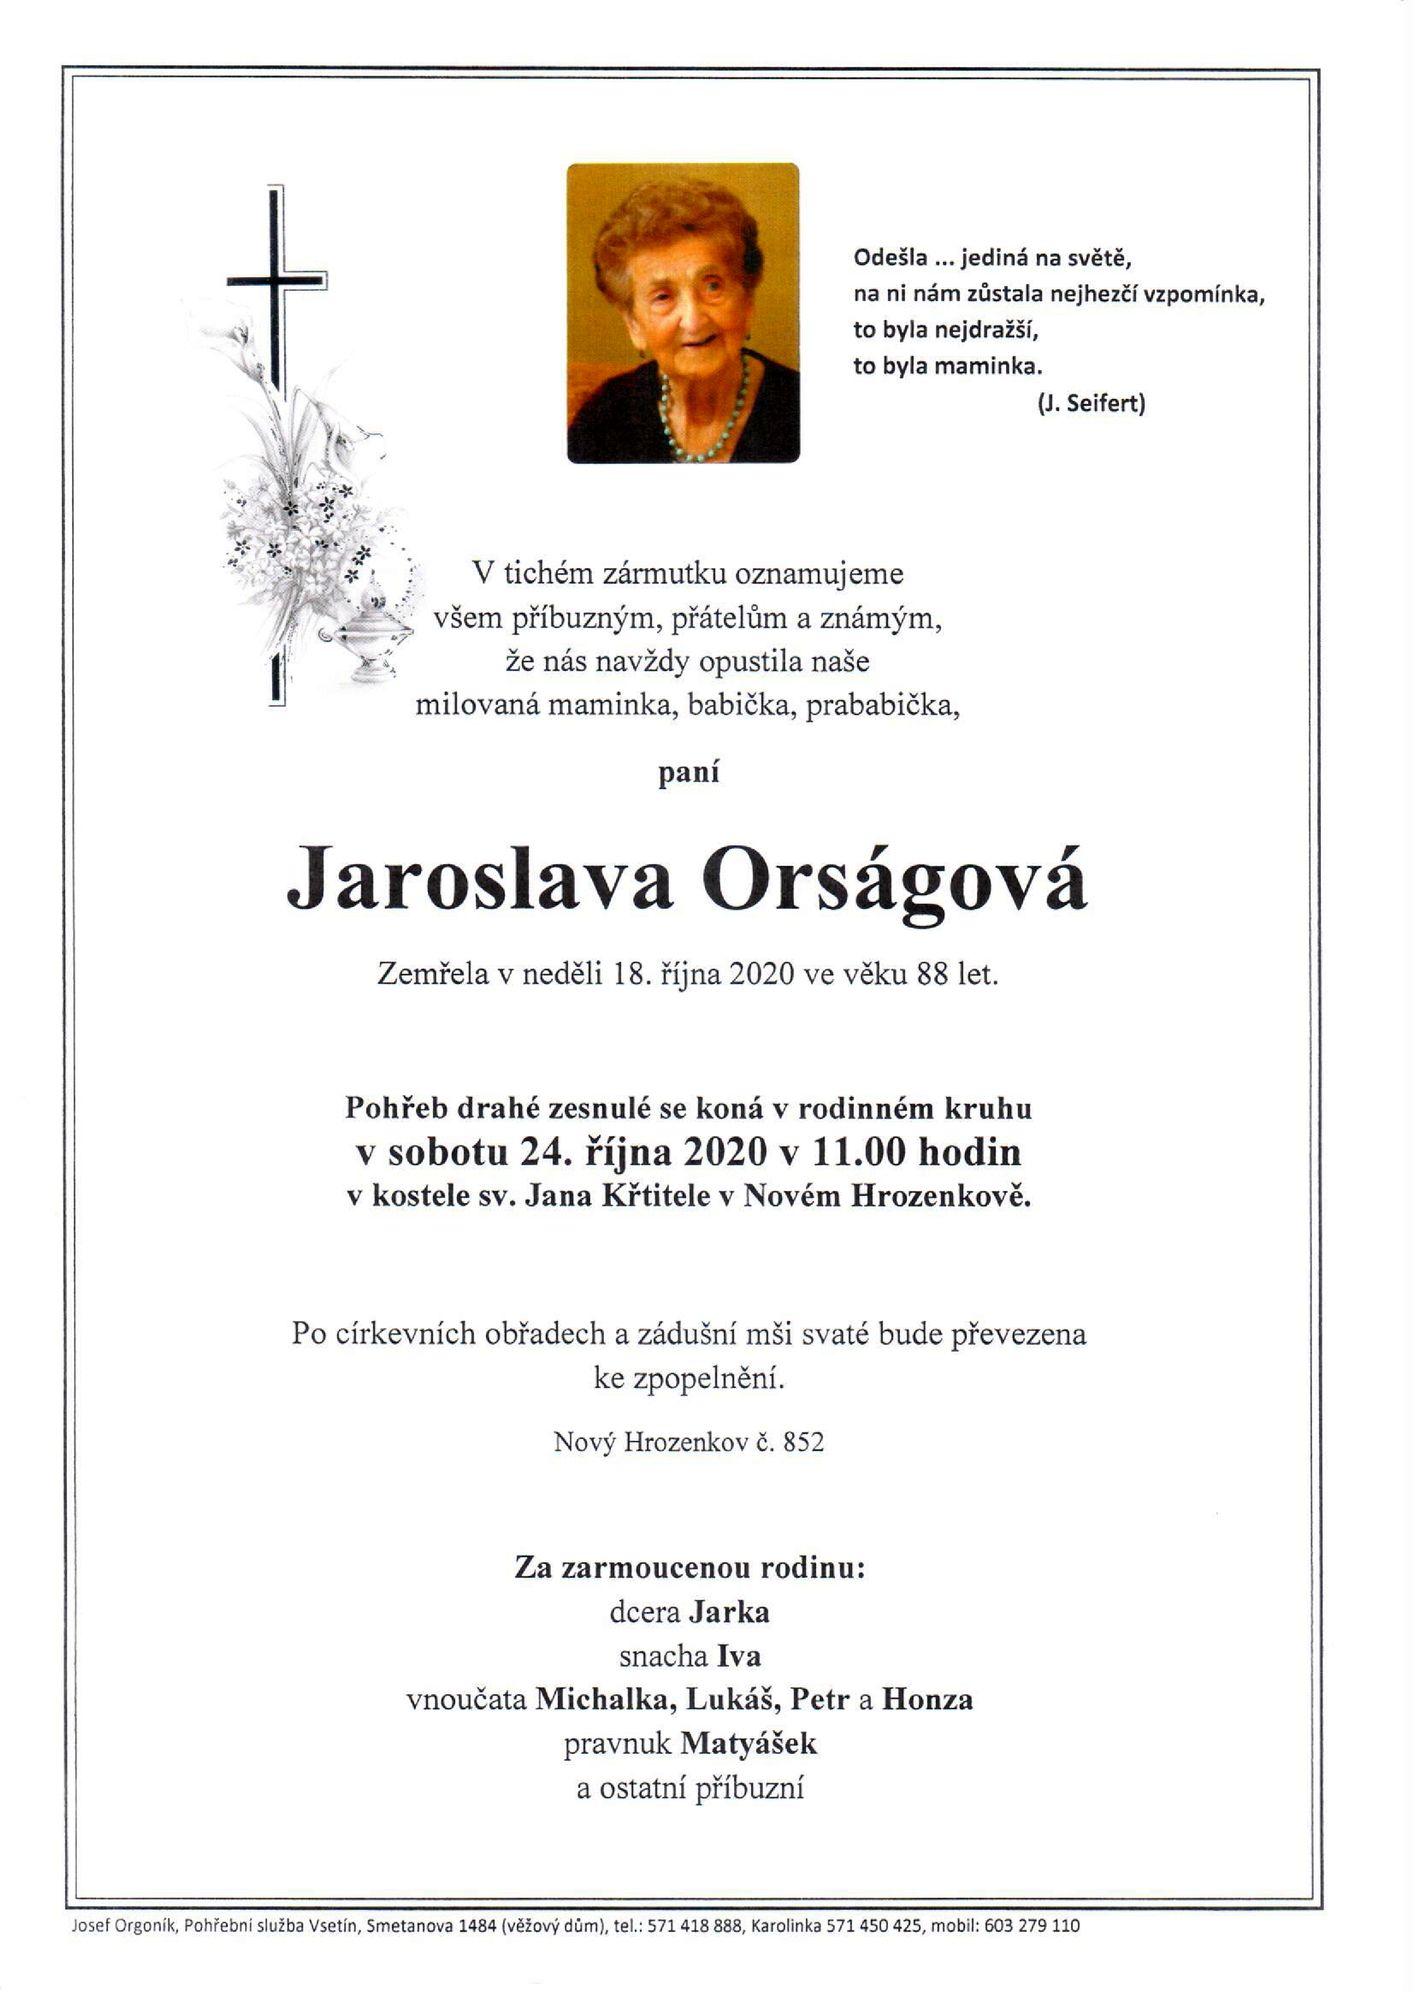 Jaroslava Orságová